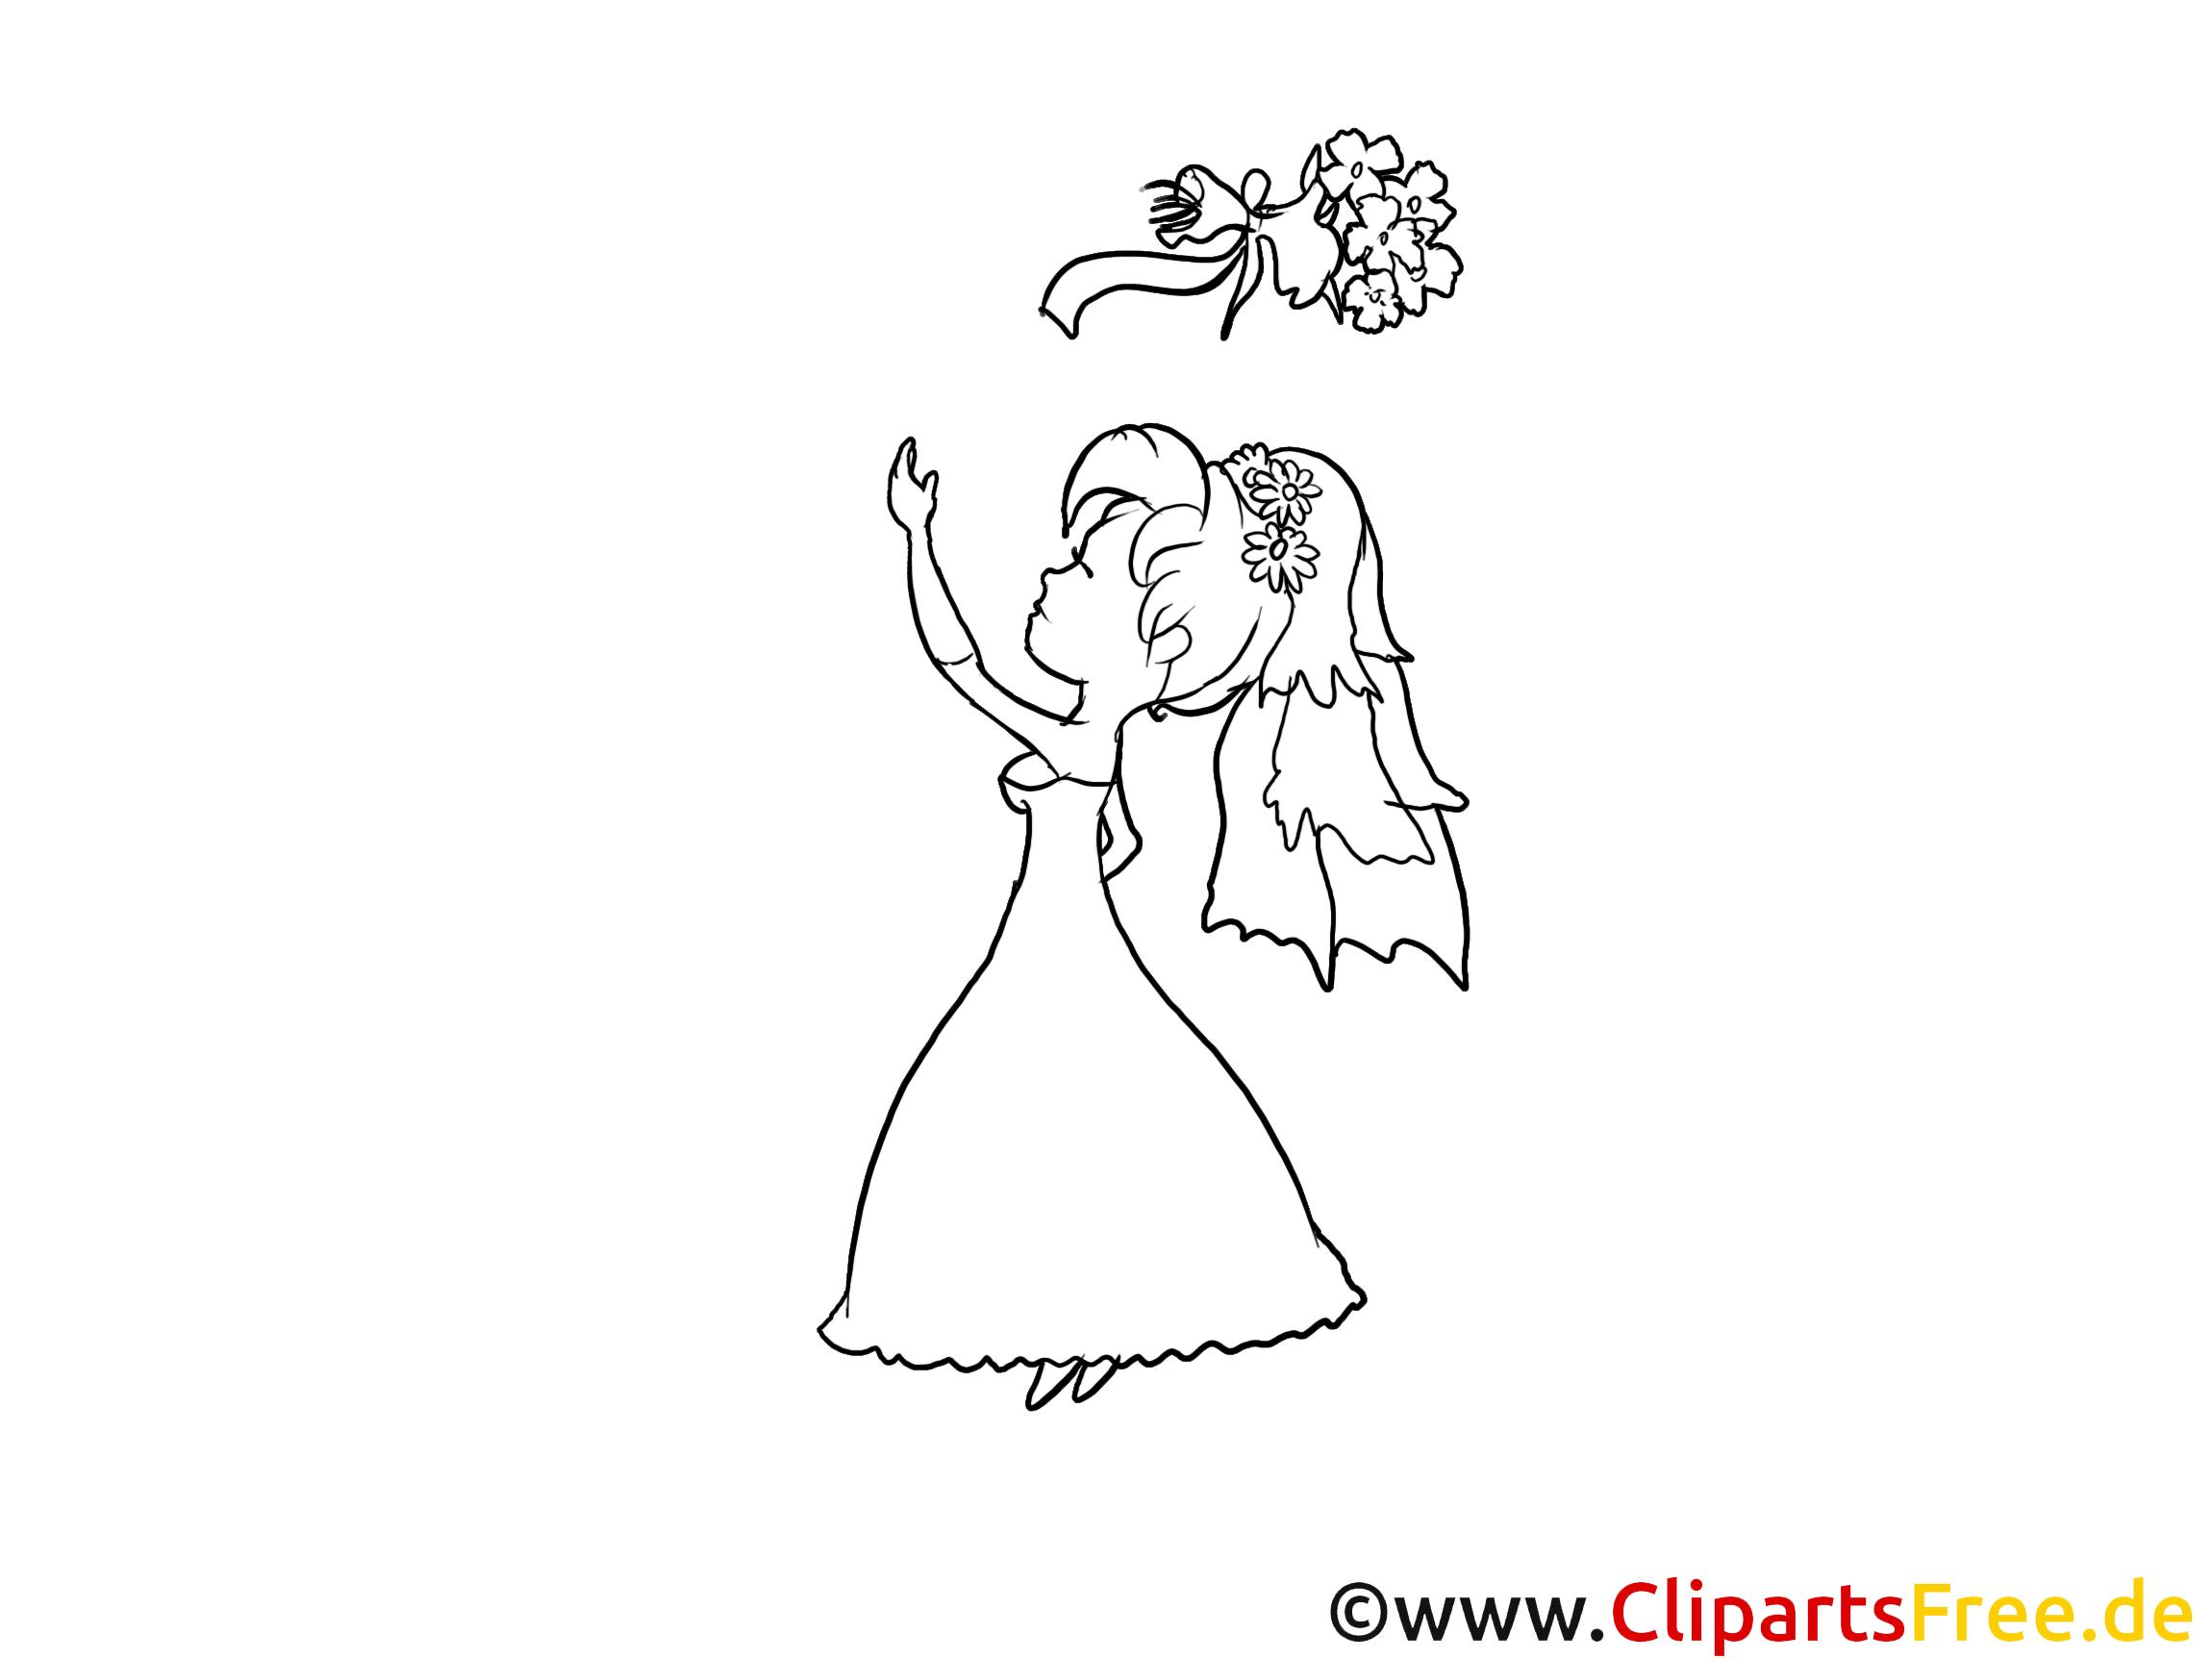 Clipart à imprimer femme - Mariage dessins gratuits